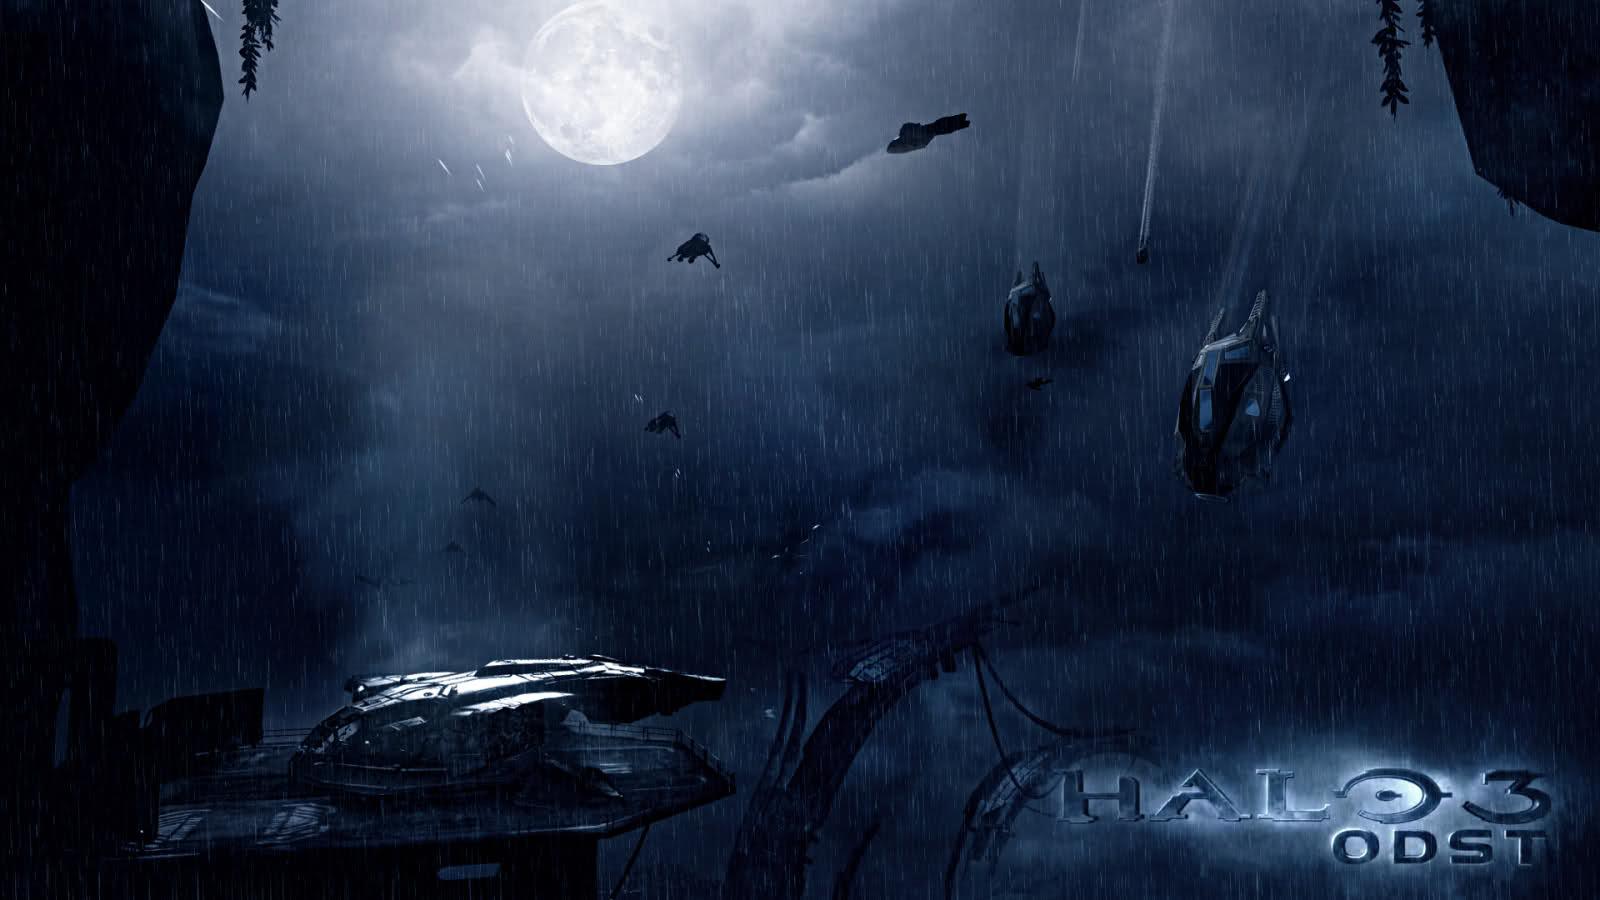 Halo 3 Odst Wallpaper Sf Wallpaper